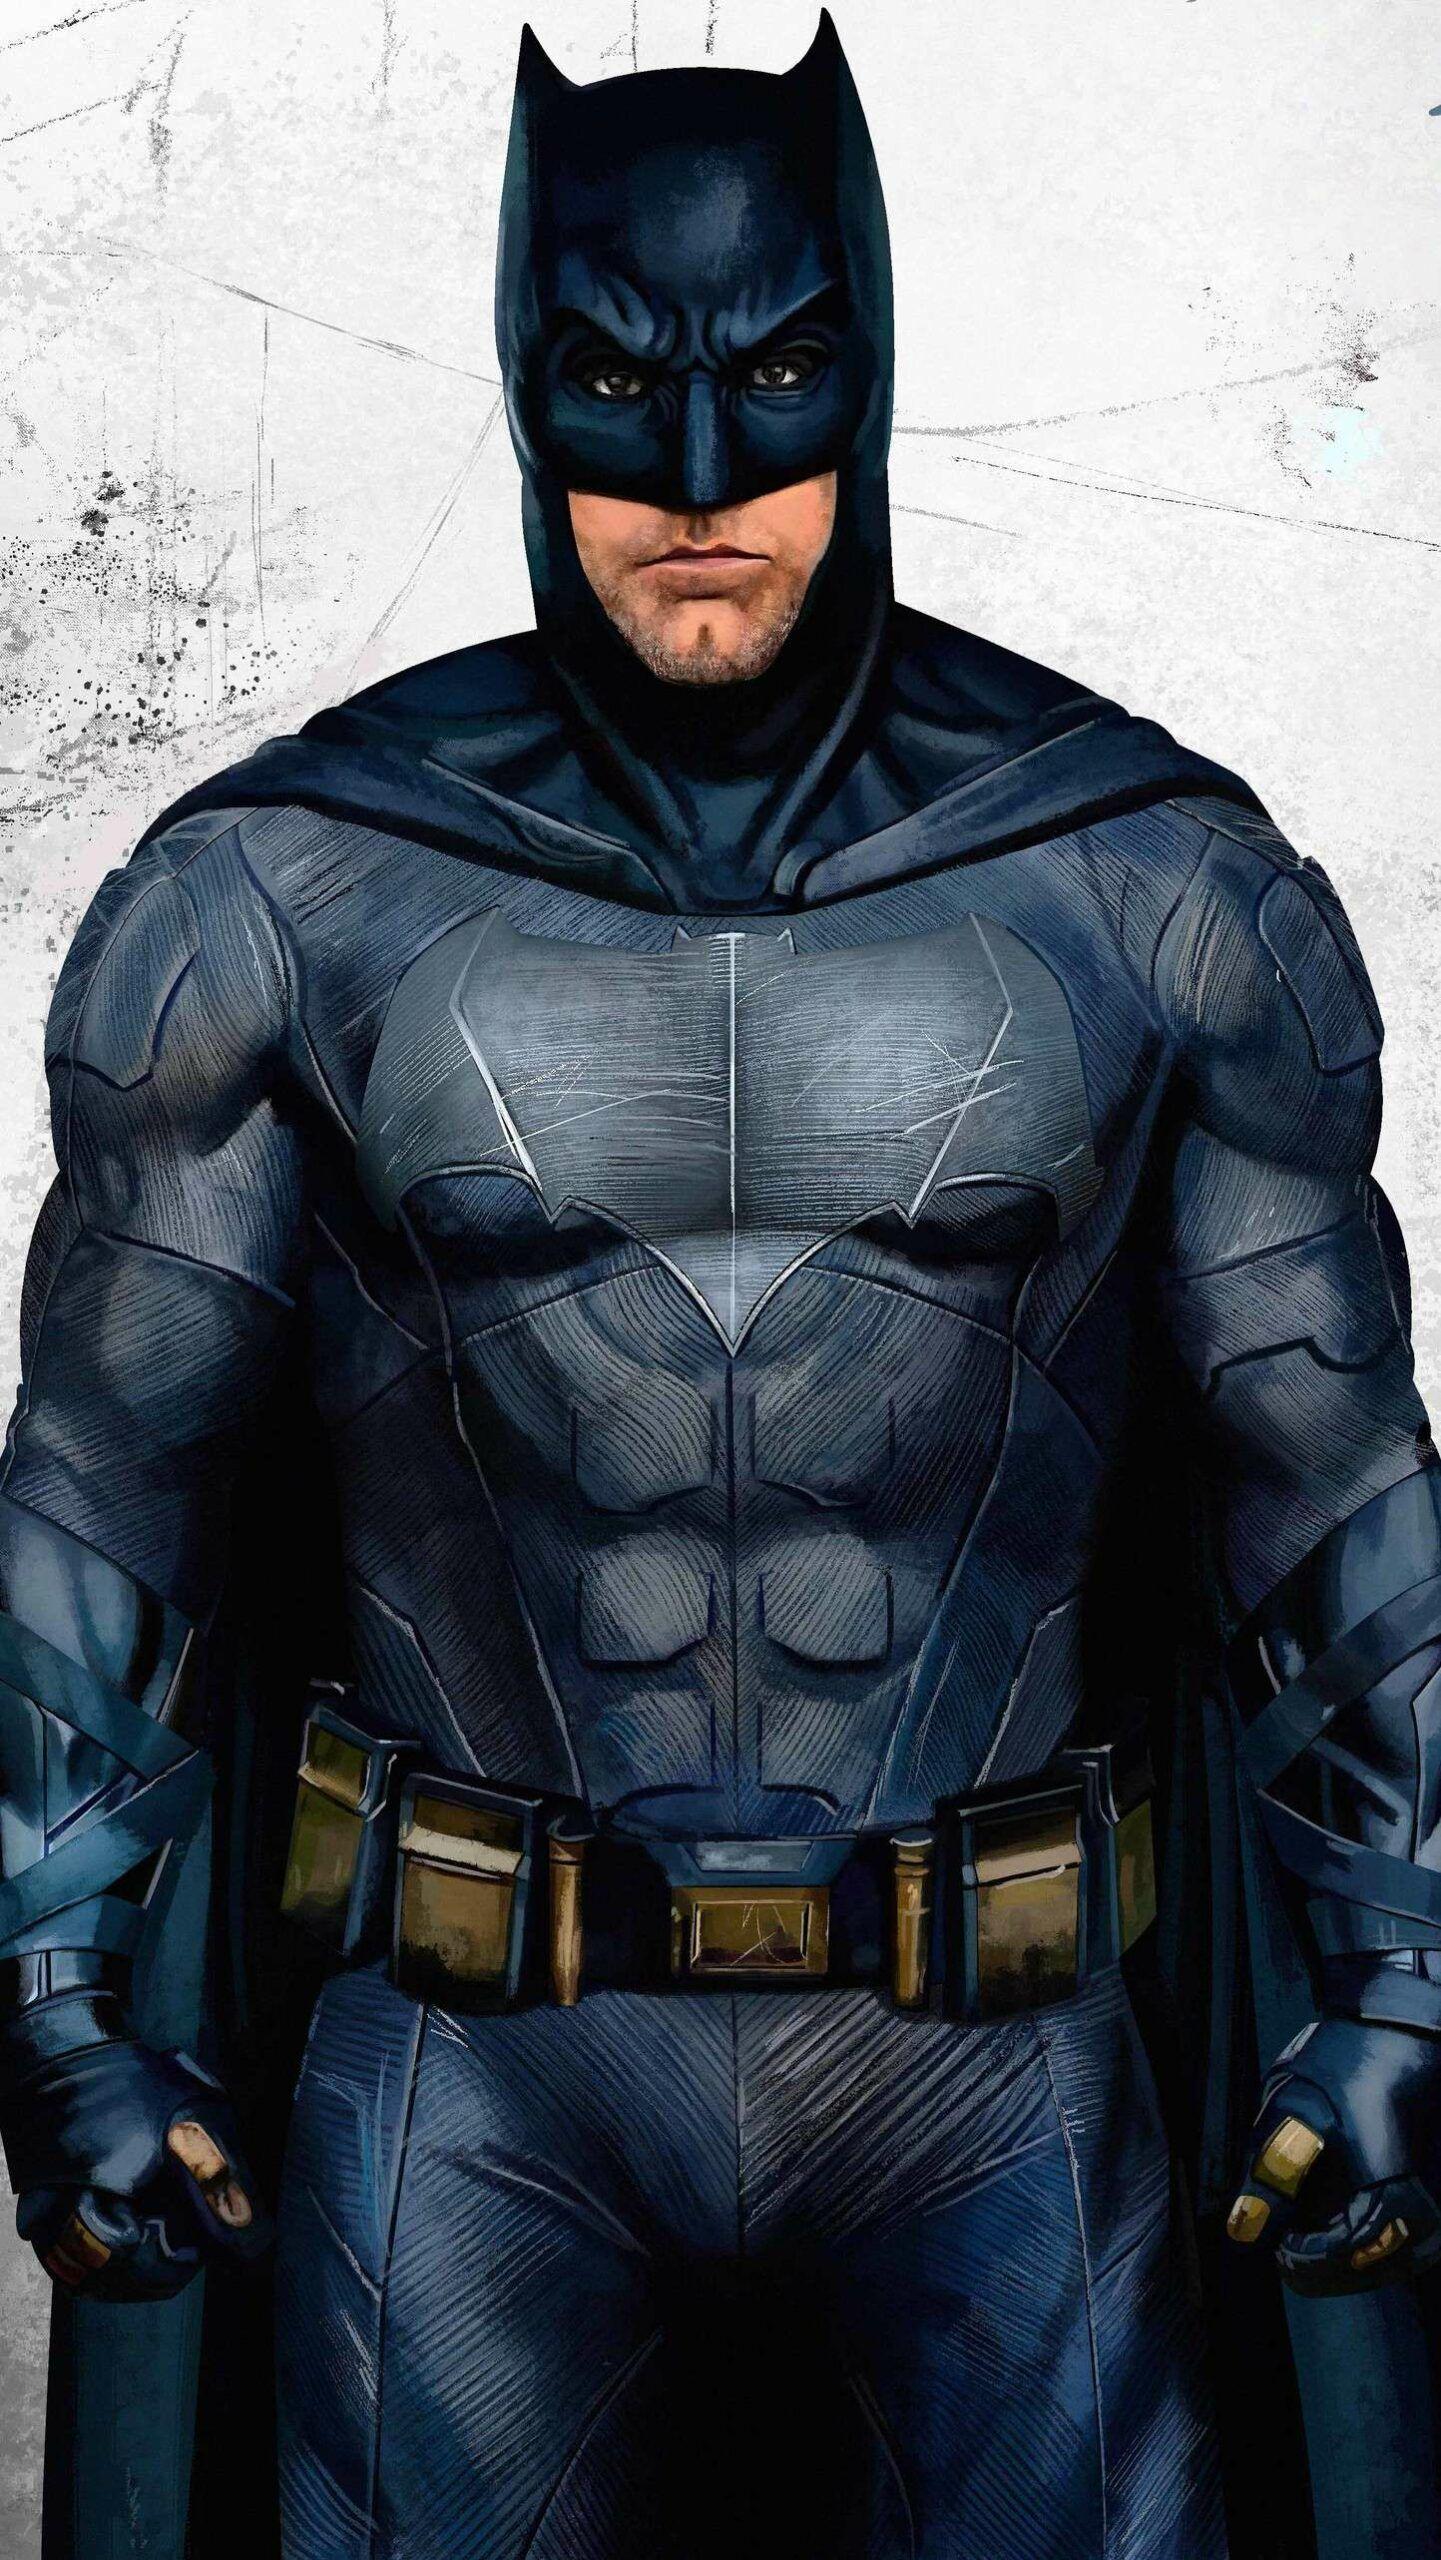 The Batman Ben Affleck Wallpaper In 2020 Batman Wallpaper Iphone Batman Wallpaper Batman